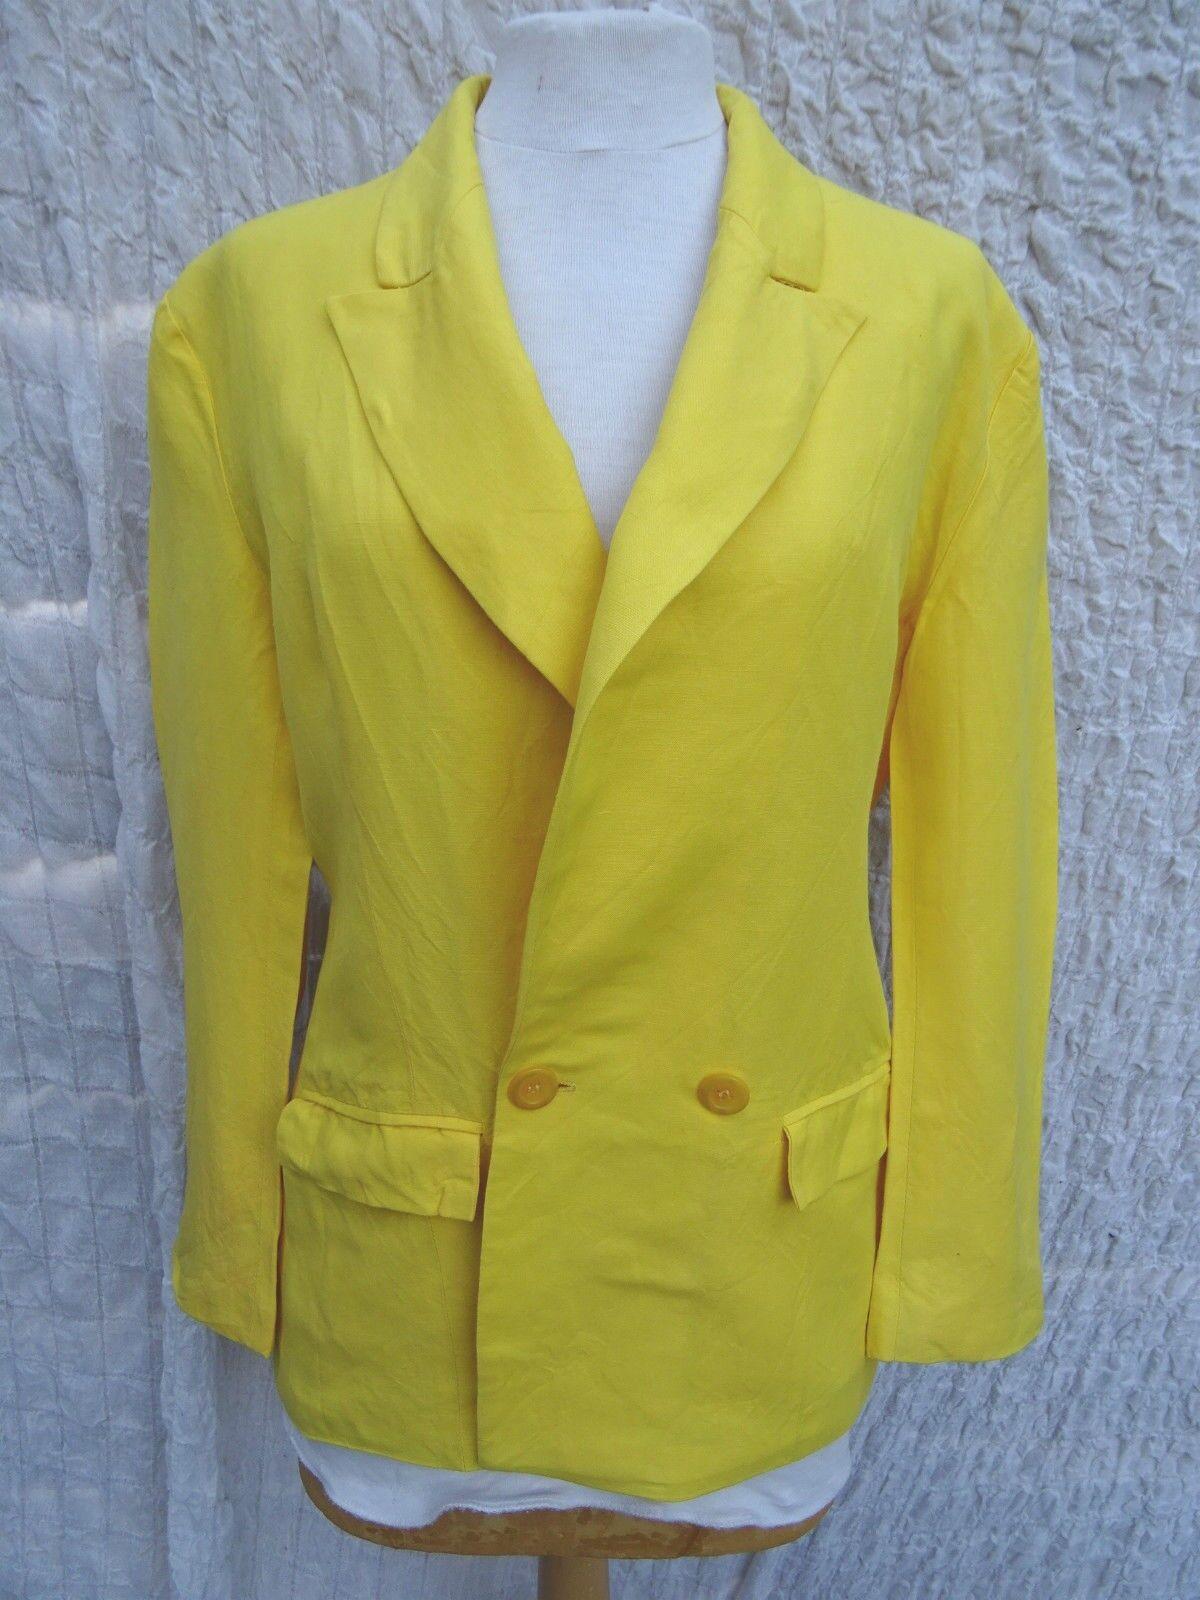 ♥ Magnifique veste  de la marque Marina Sithon pour KAMOSHO   ♥